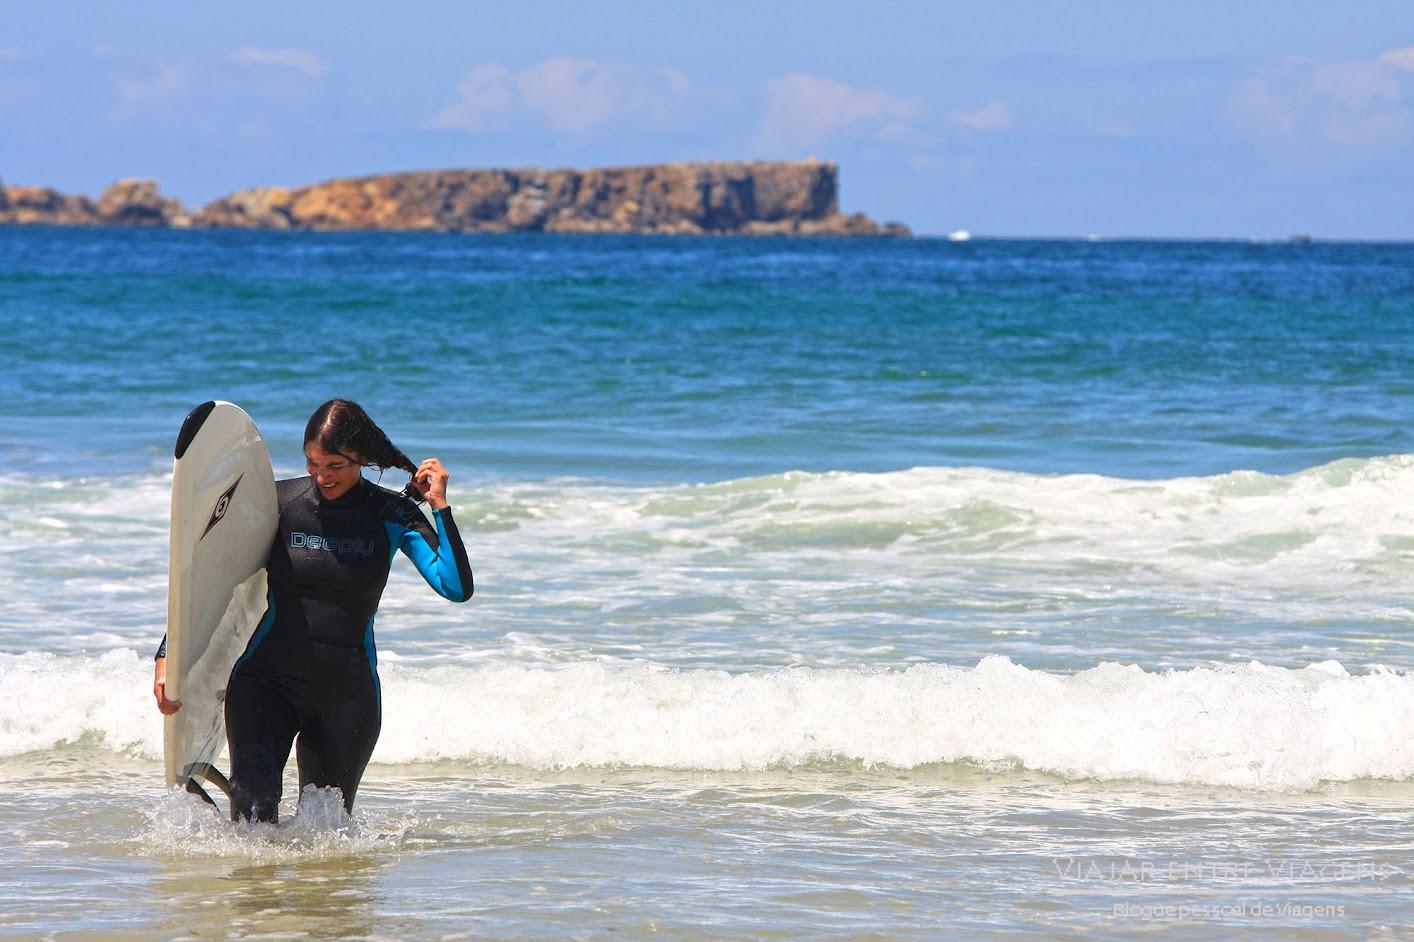 PRAIAS DE PENICHE - Os segredos entre a piscina, o golf e o mar